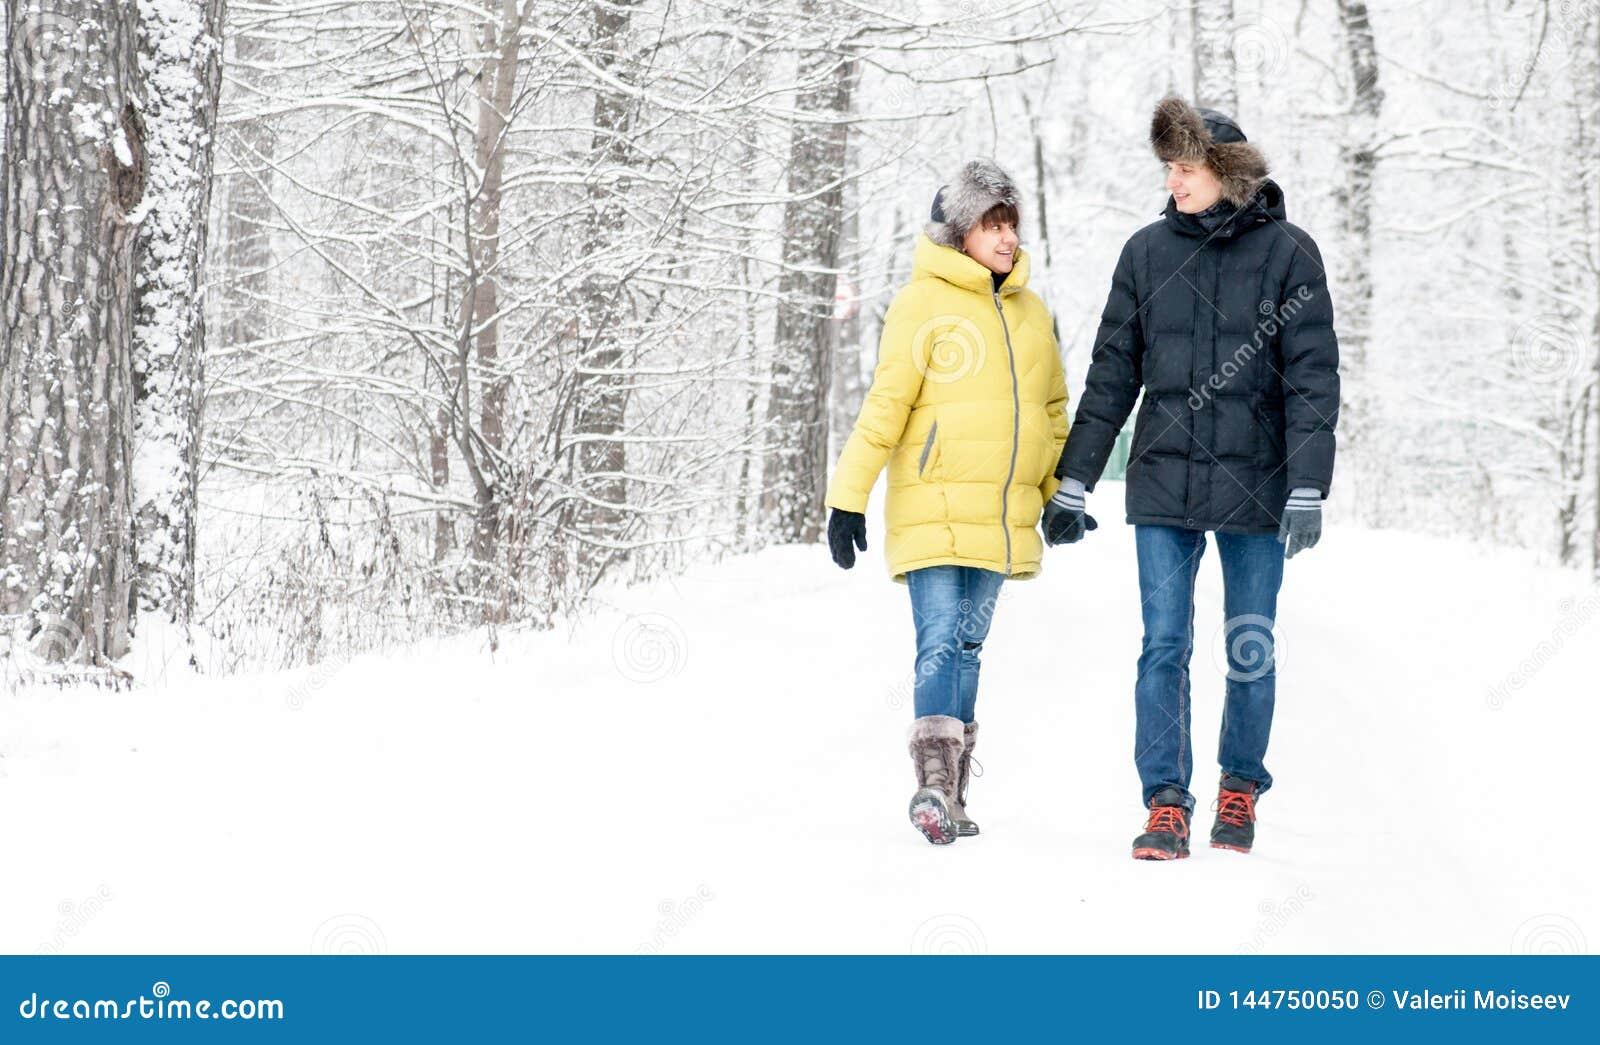 Rússia, Ryazan 4 de janeiro de 2017: abraços do marido e passeio com a esposa grávida na floresta do inverno